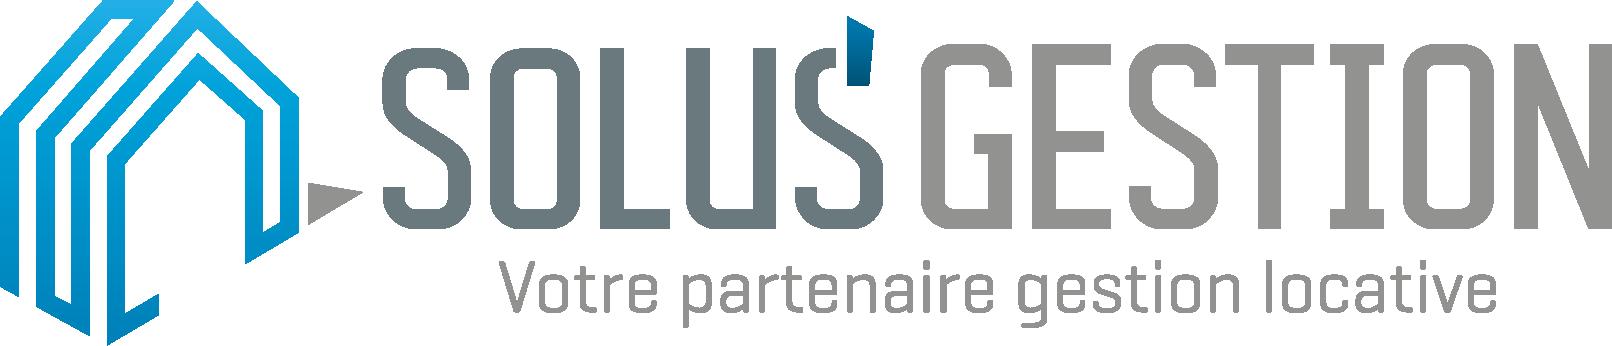 Solus'Gestion - Partenaire Gestion Locative des agences immobilières - Logo Solus'Gestion